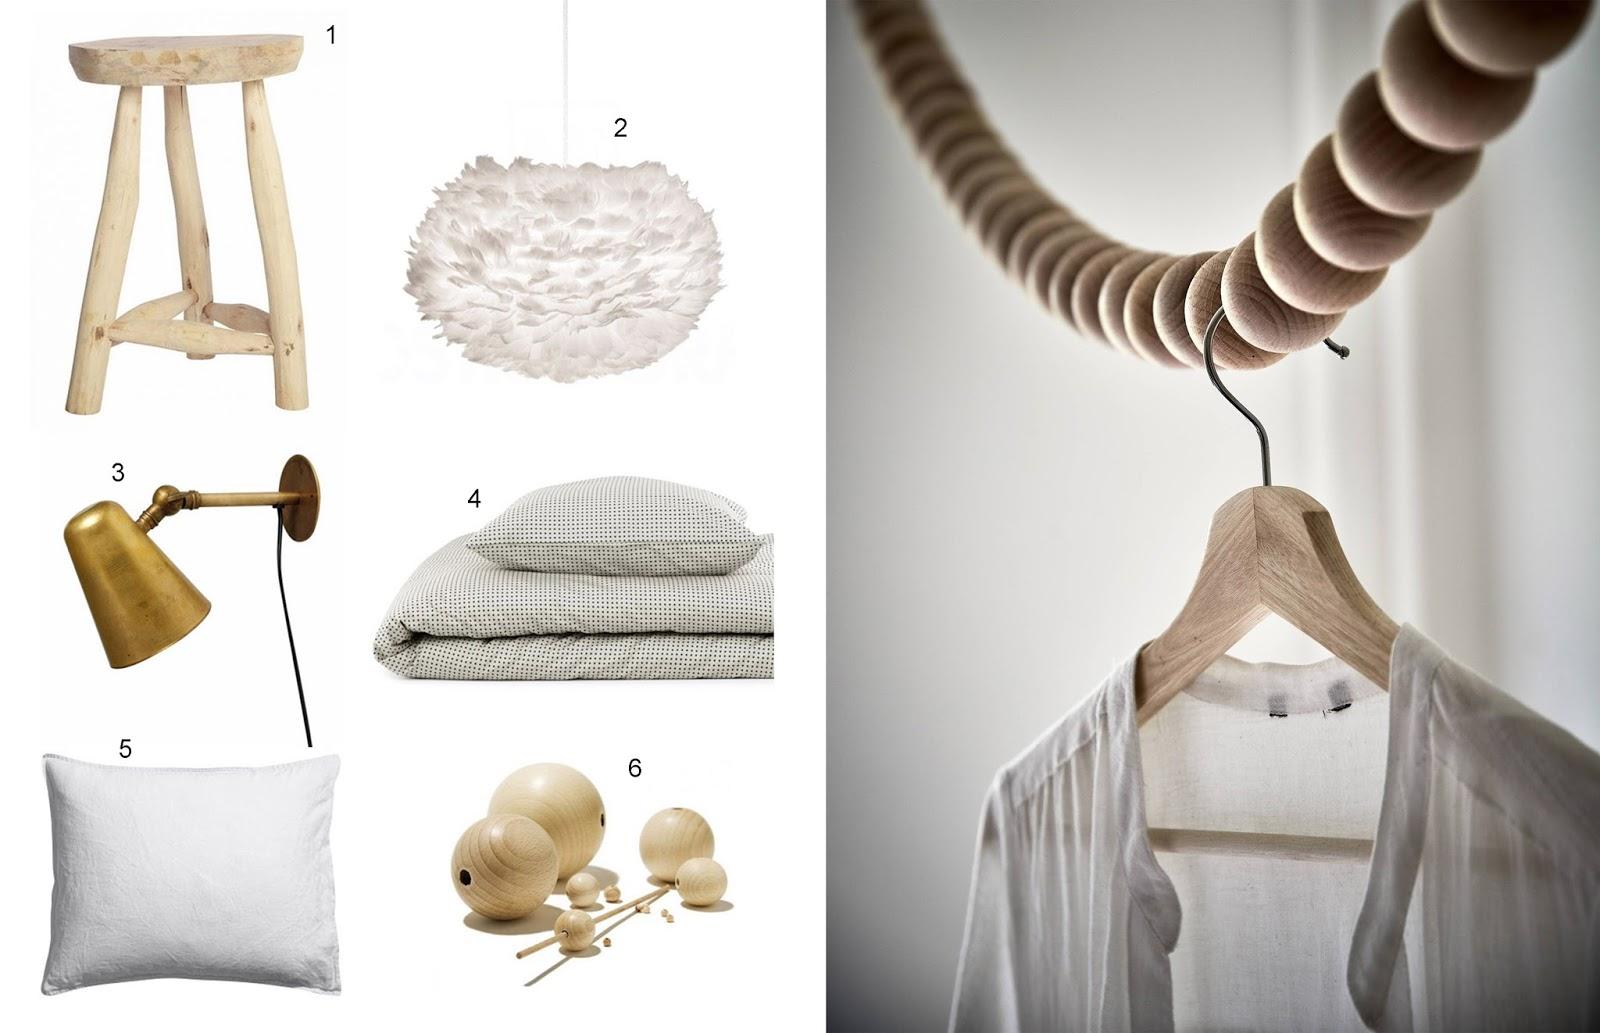 Idee per arredare una camera da letto in accogliente stile nordico arc art blog by daniele drigo - Oggetti camera da letto ...